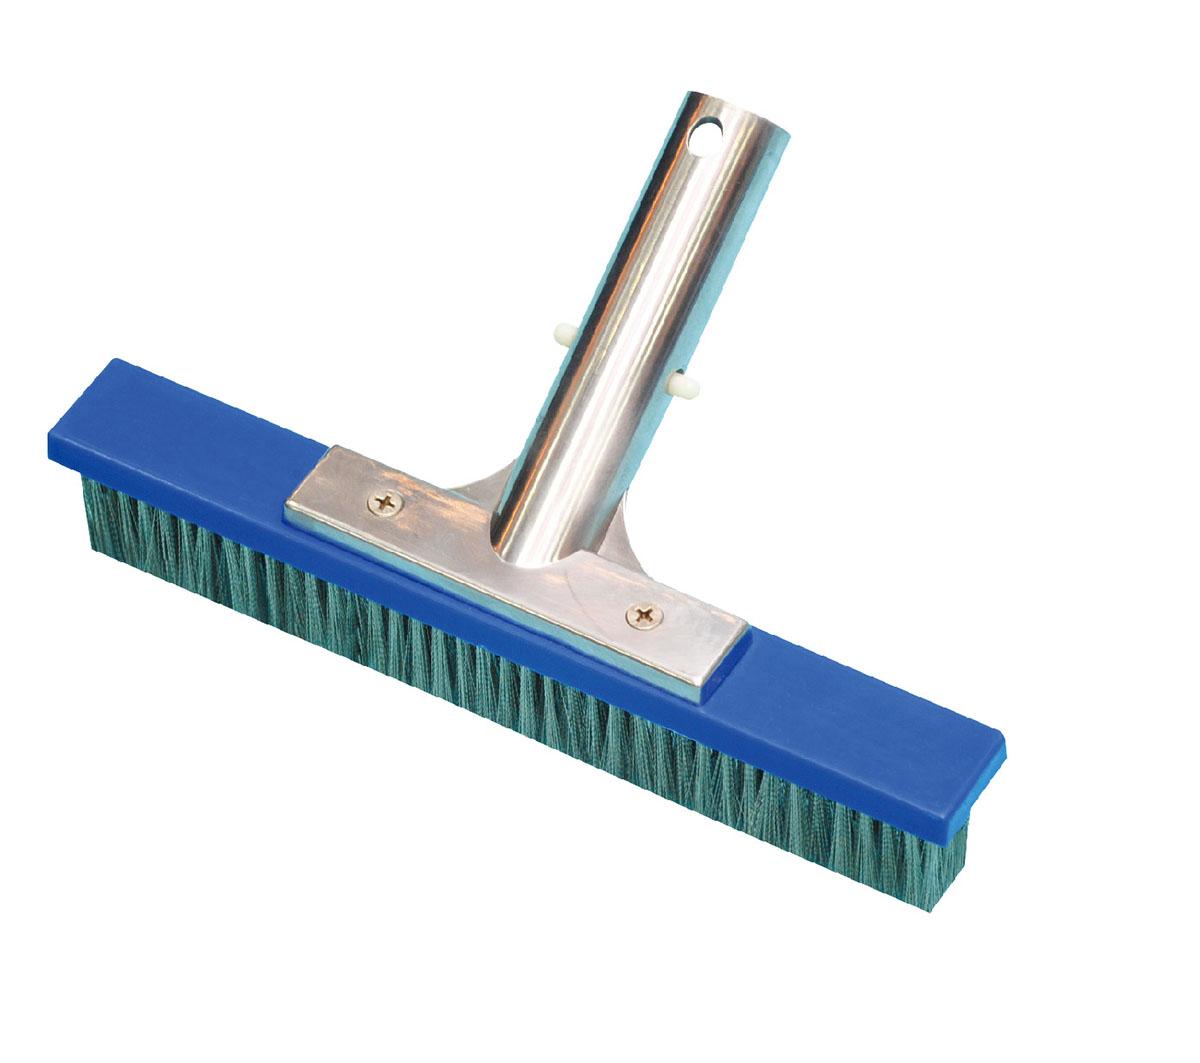 """Smart Algenbürste aluminiumverstärkt blau,  PP blau, 5""""/13 cm, einzeln verpackt Smart Algenbürste aluminiumverstärkt blau,  PP blau, 5""""/13 cm, einzeln verpackt"""